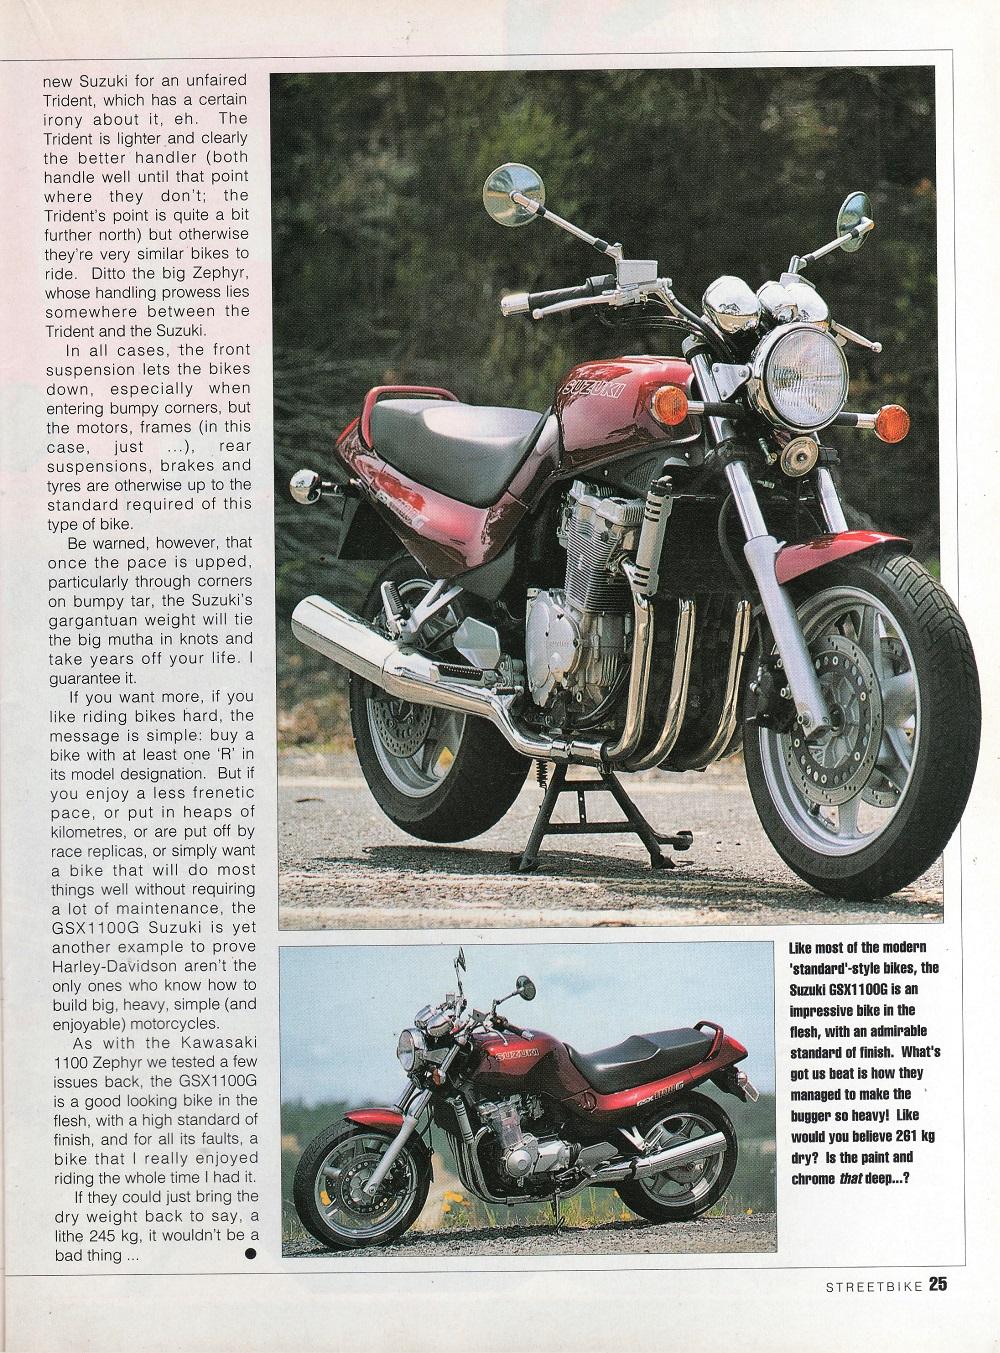 1993 Suzuki GSX 1100G road test. 2.jpg